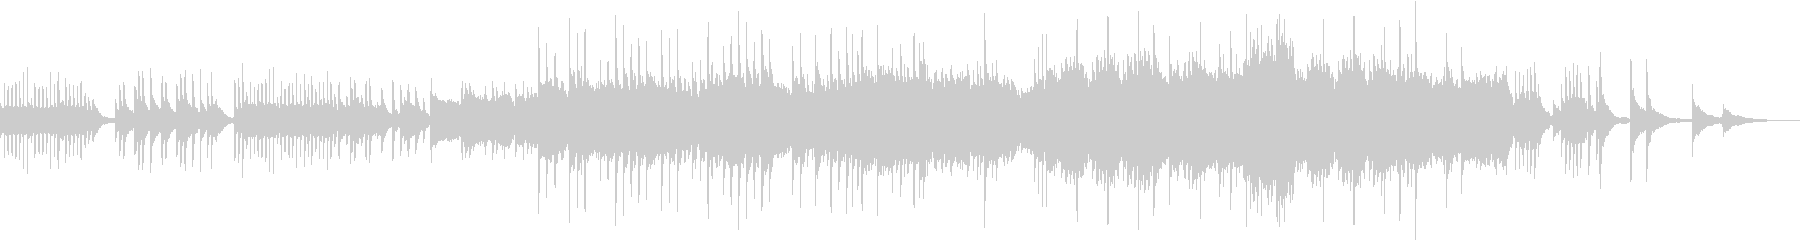 ピアノとストリングスの感動的なバラードの未再生の波形